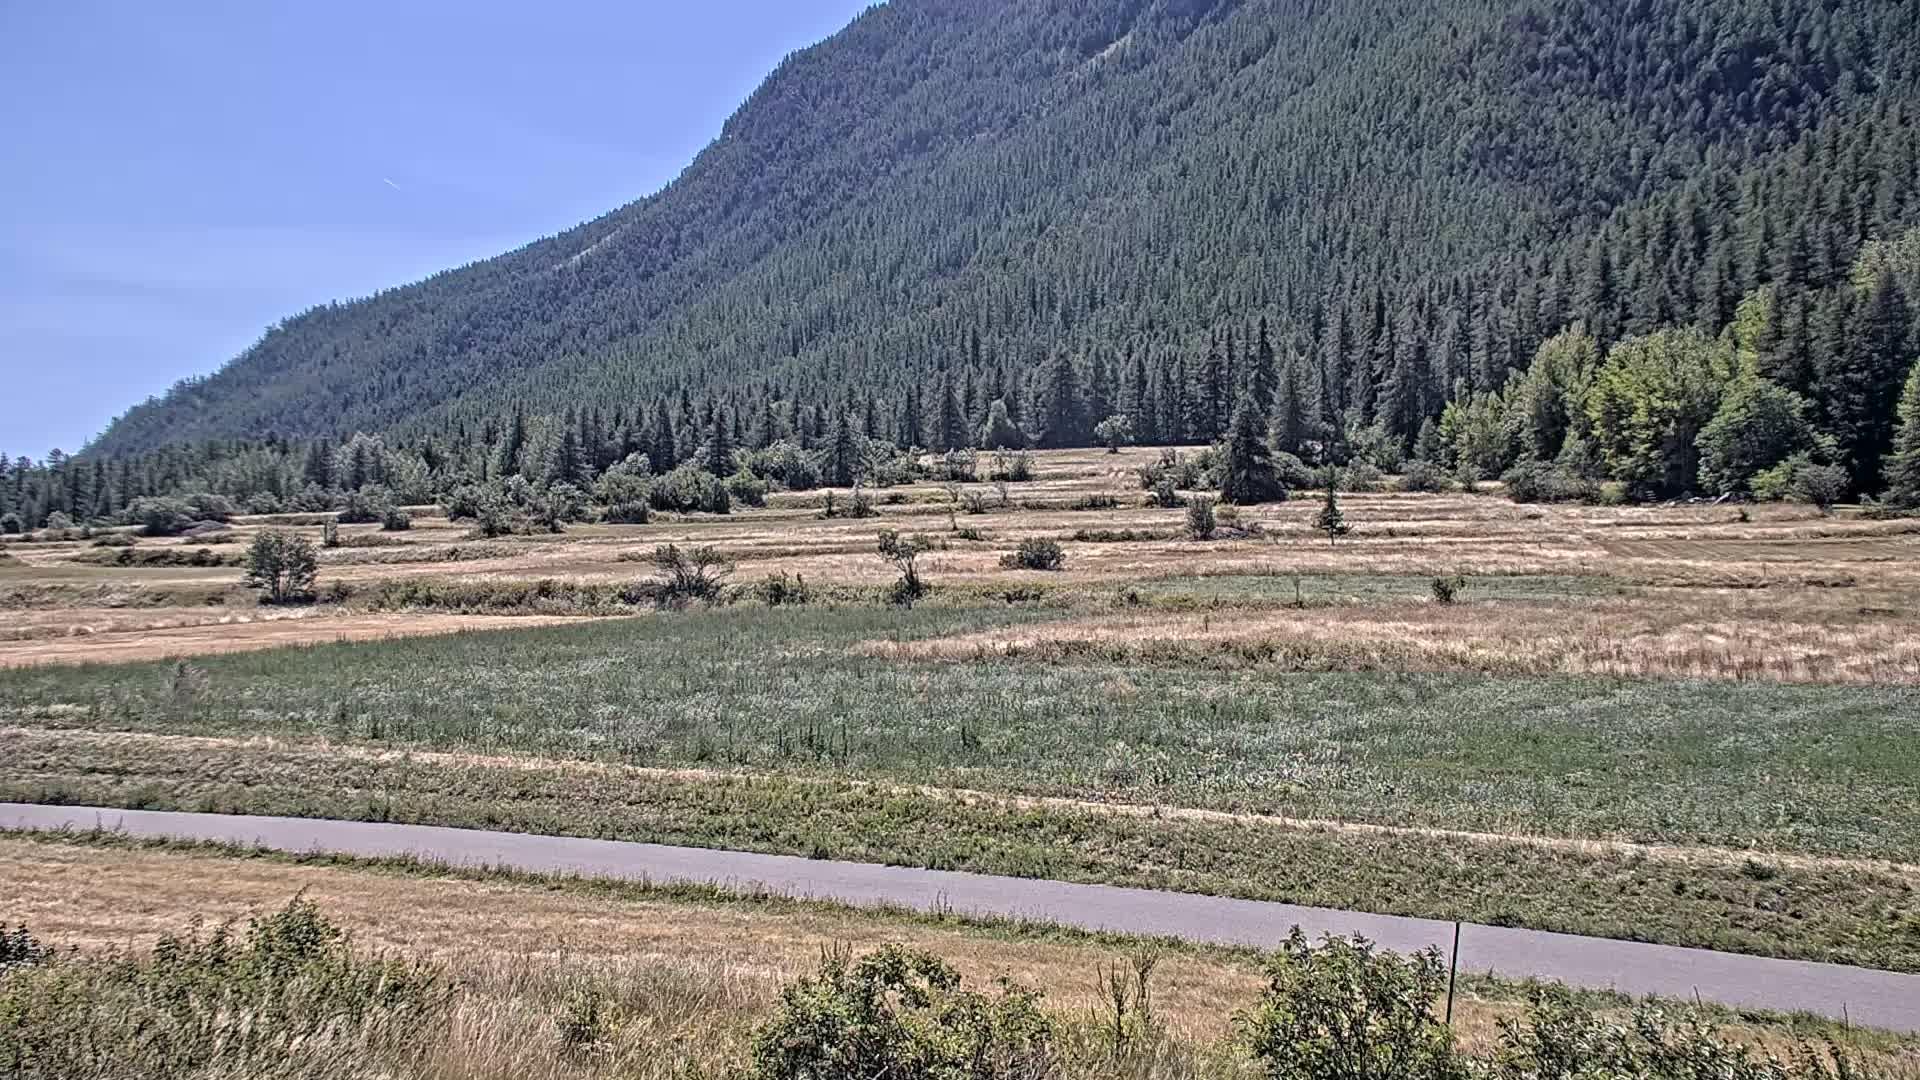 La salle les alpes serre chevalier webcam